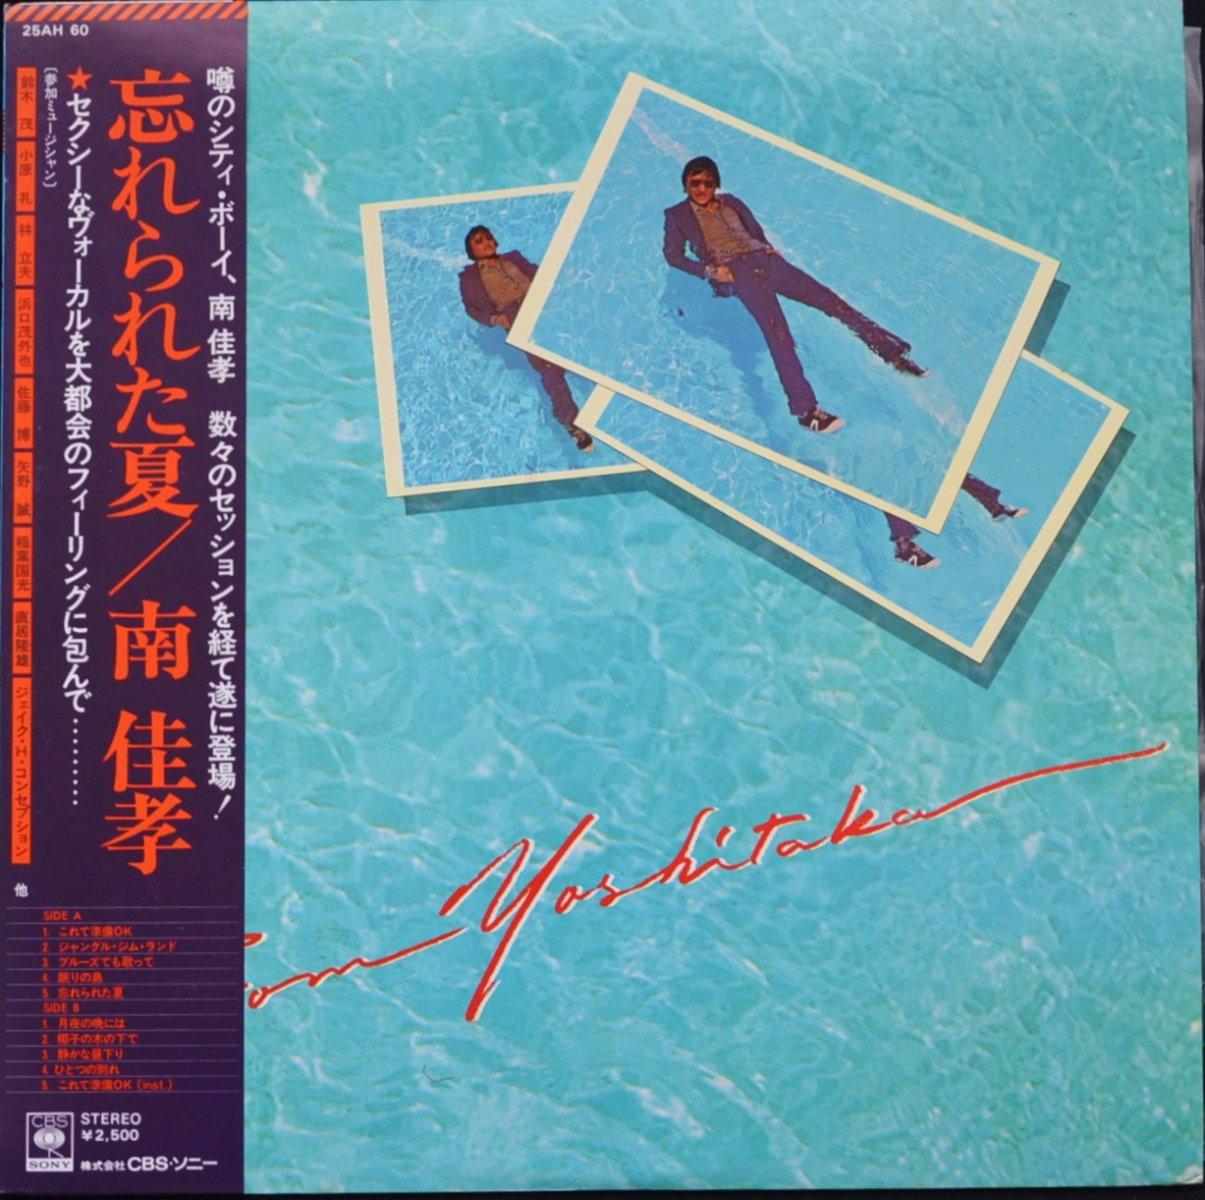 南佳孝 YOSHITAKA MINAMI / 忘れられた夏 WASURERARETANATSU (LP)